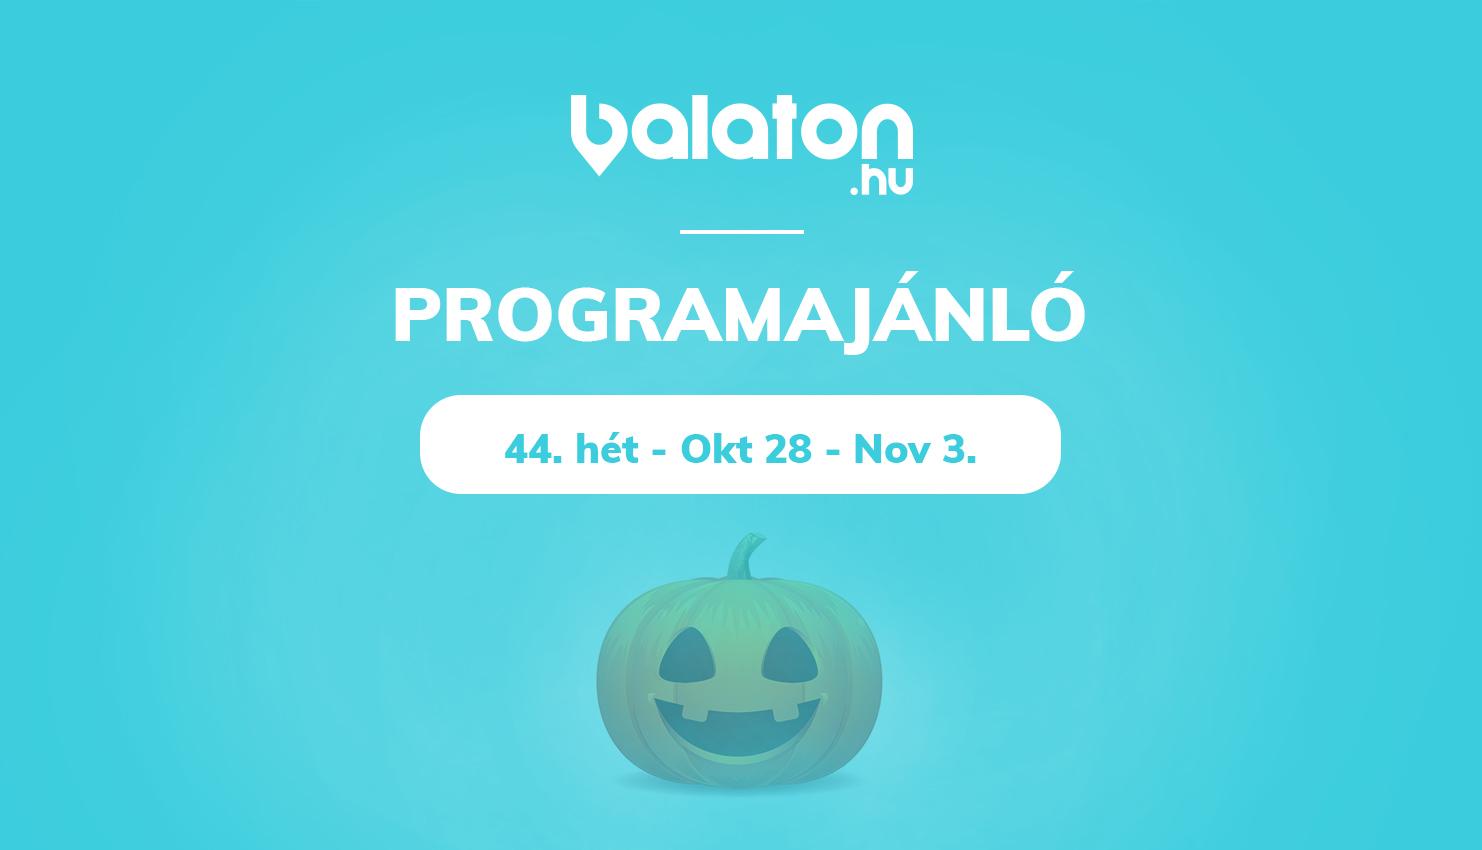 Heti programajánlónk – 44.hét / Október 28 – November 3.